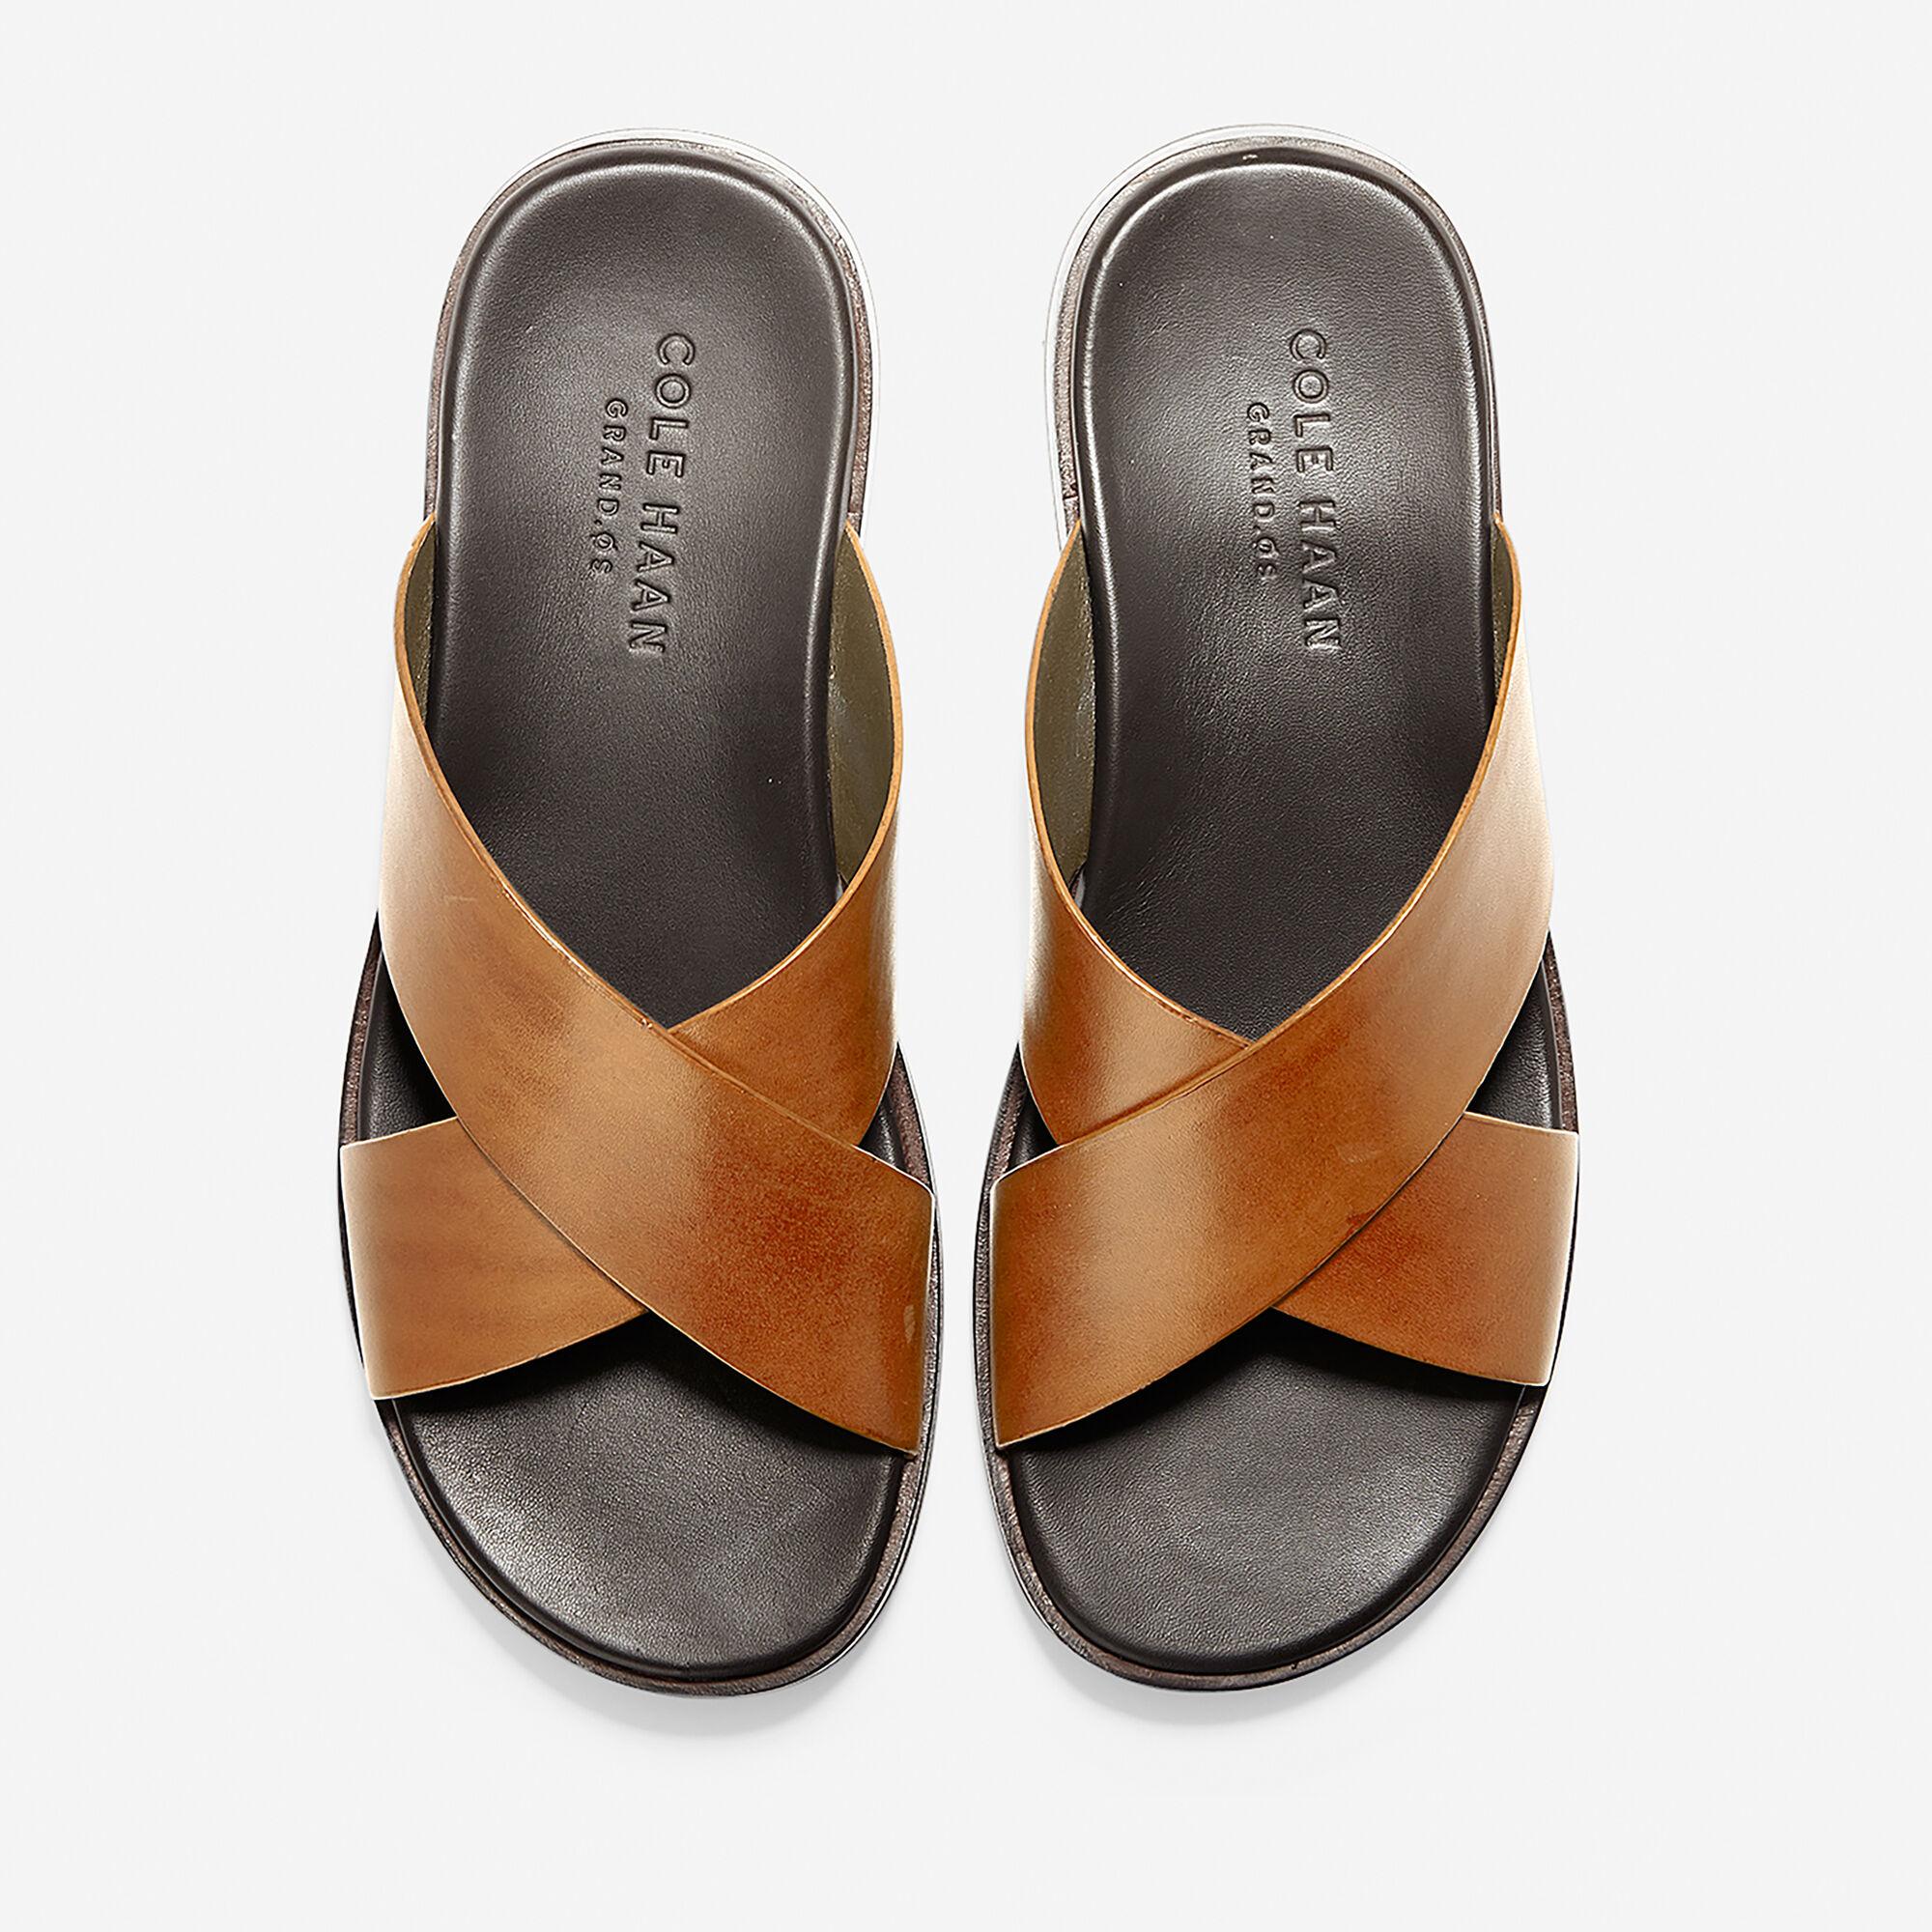 a14457e612b6 ... Goldwyn 2.0 Crisscross Sandal · Goldwyn 2.0 Crisscross Sandal · Goldwyn  2.0 Crisscross Sandal.  COLEHAAN